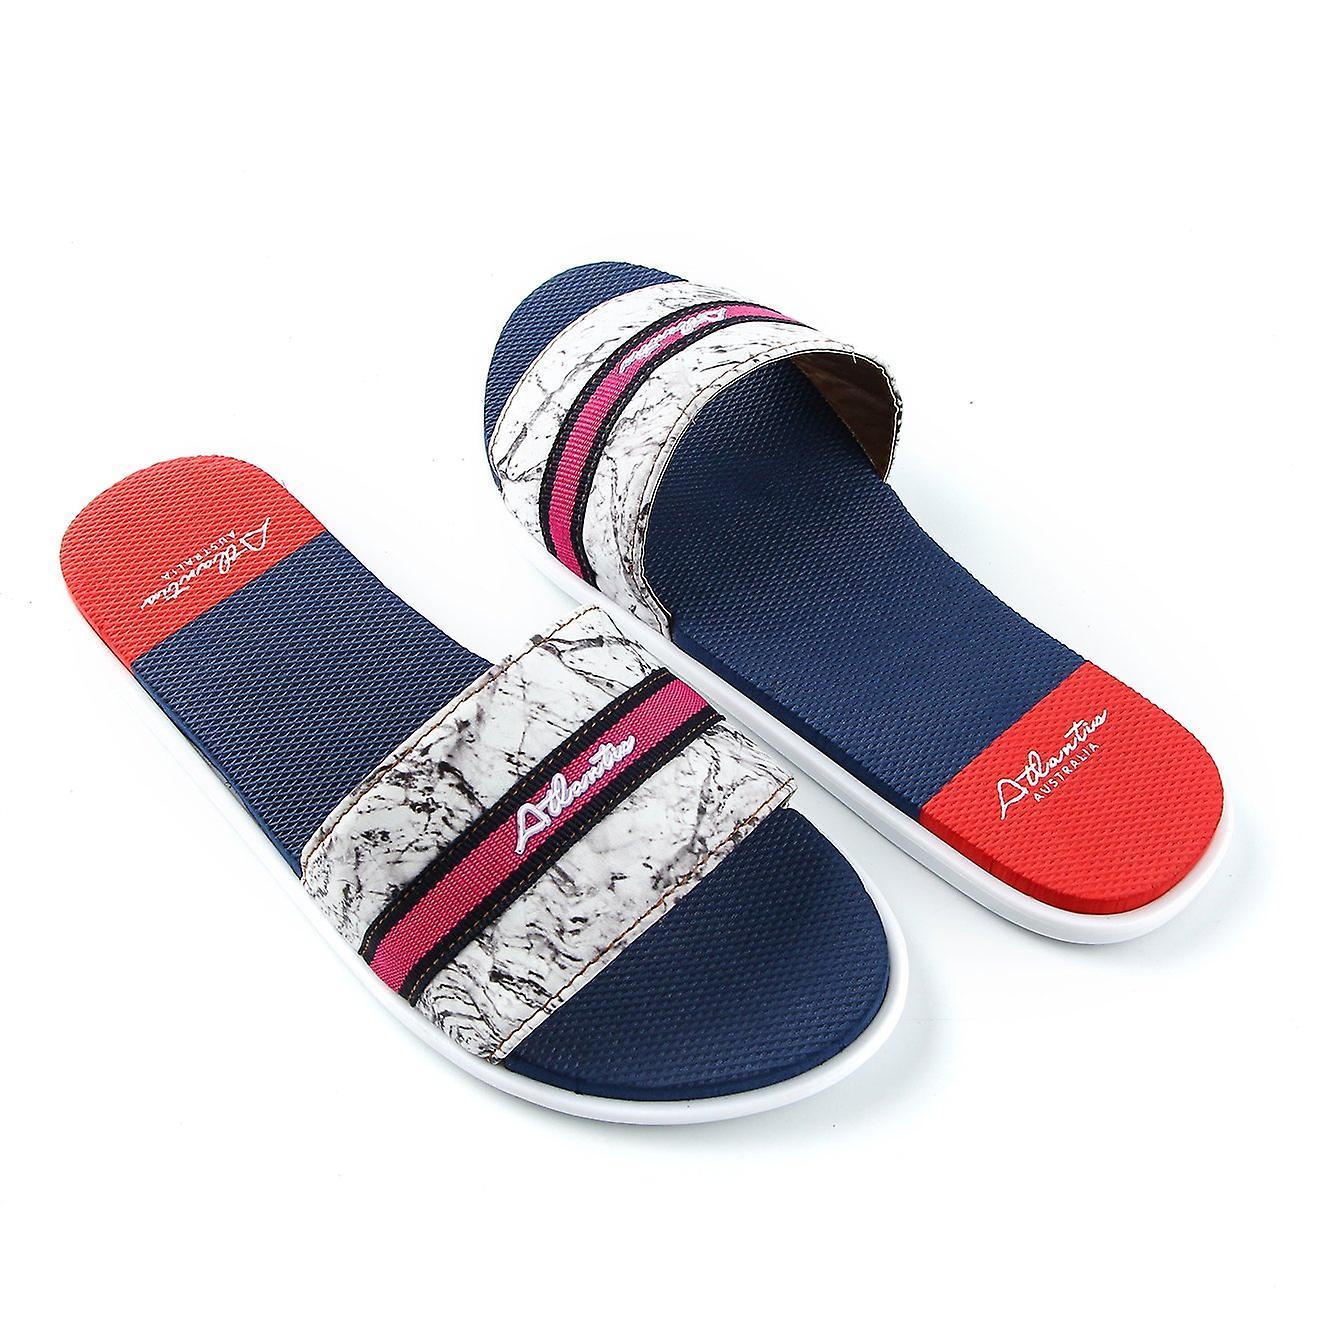 Pyjamarama slippers